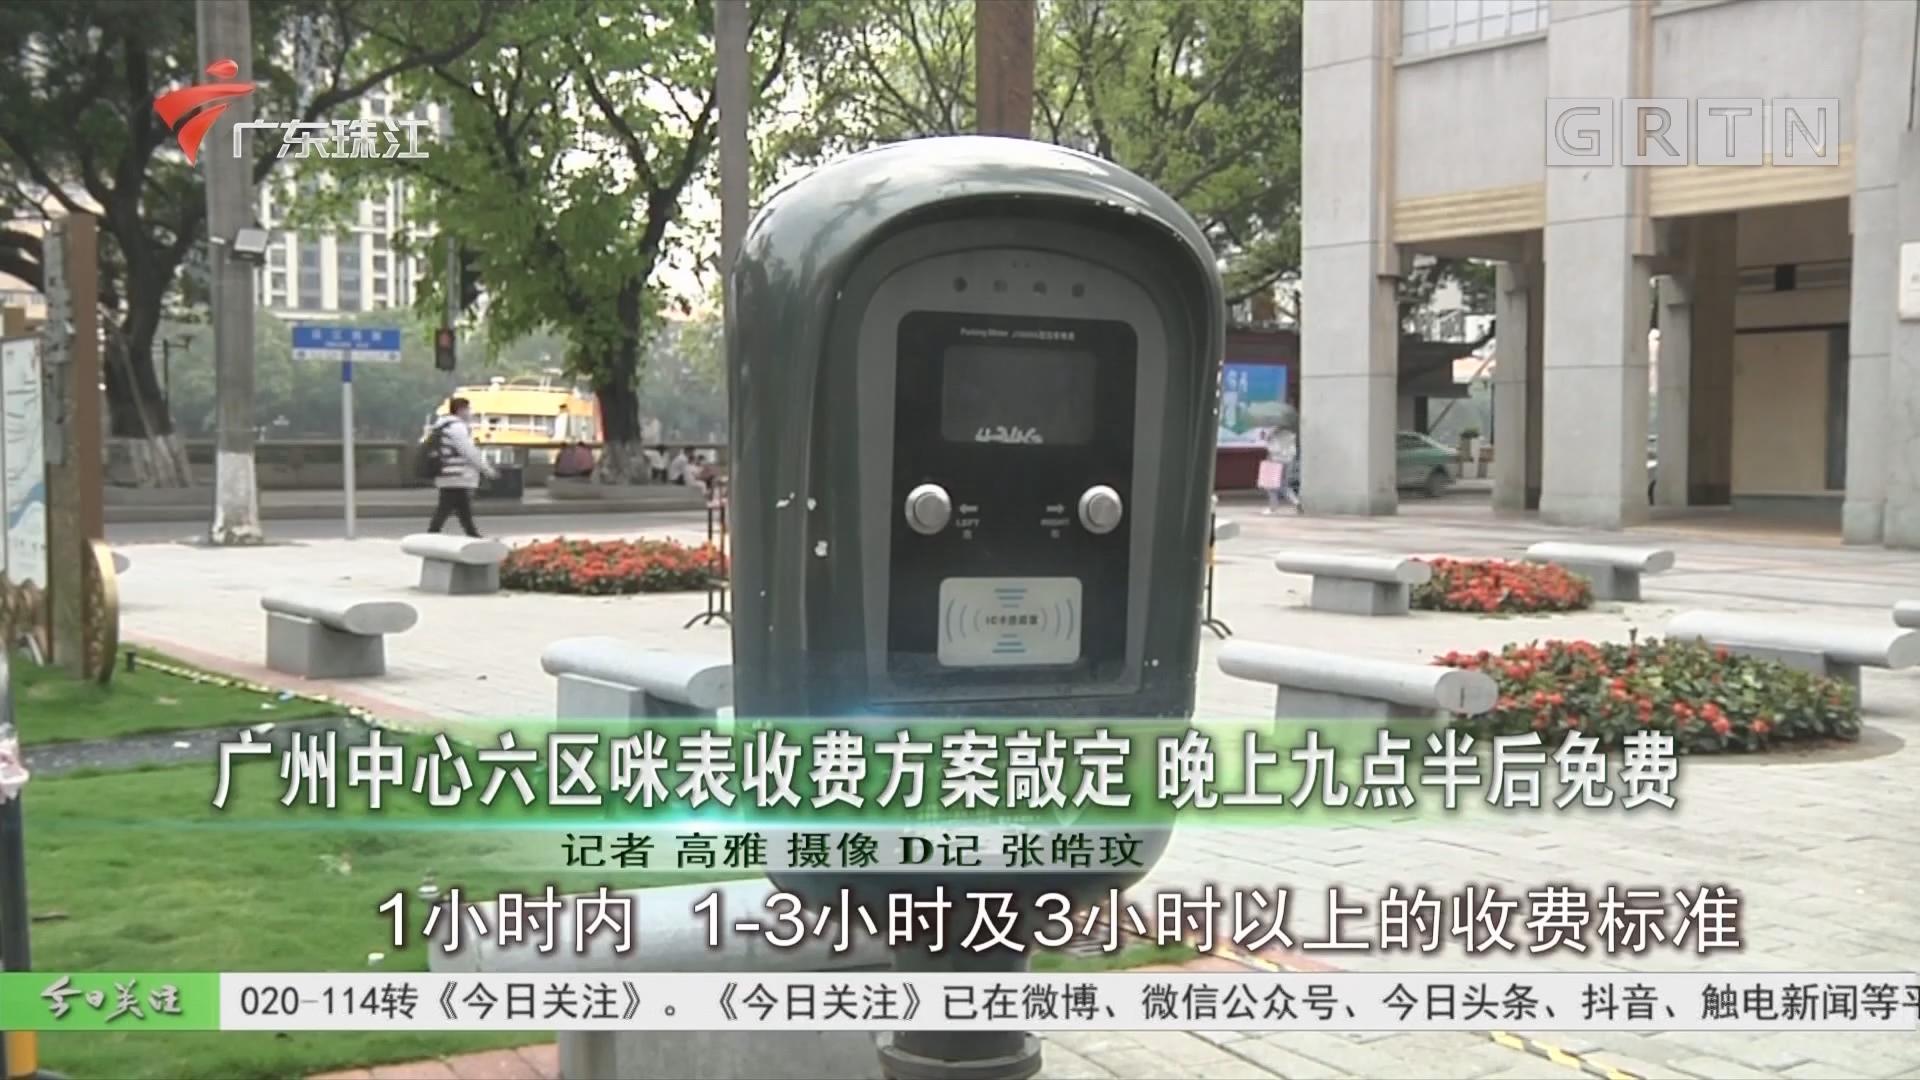 广州中心六区咪表收费方案敲定 晚上九点半后免费